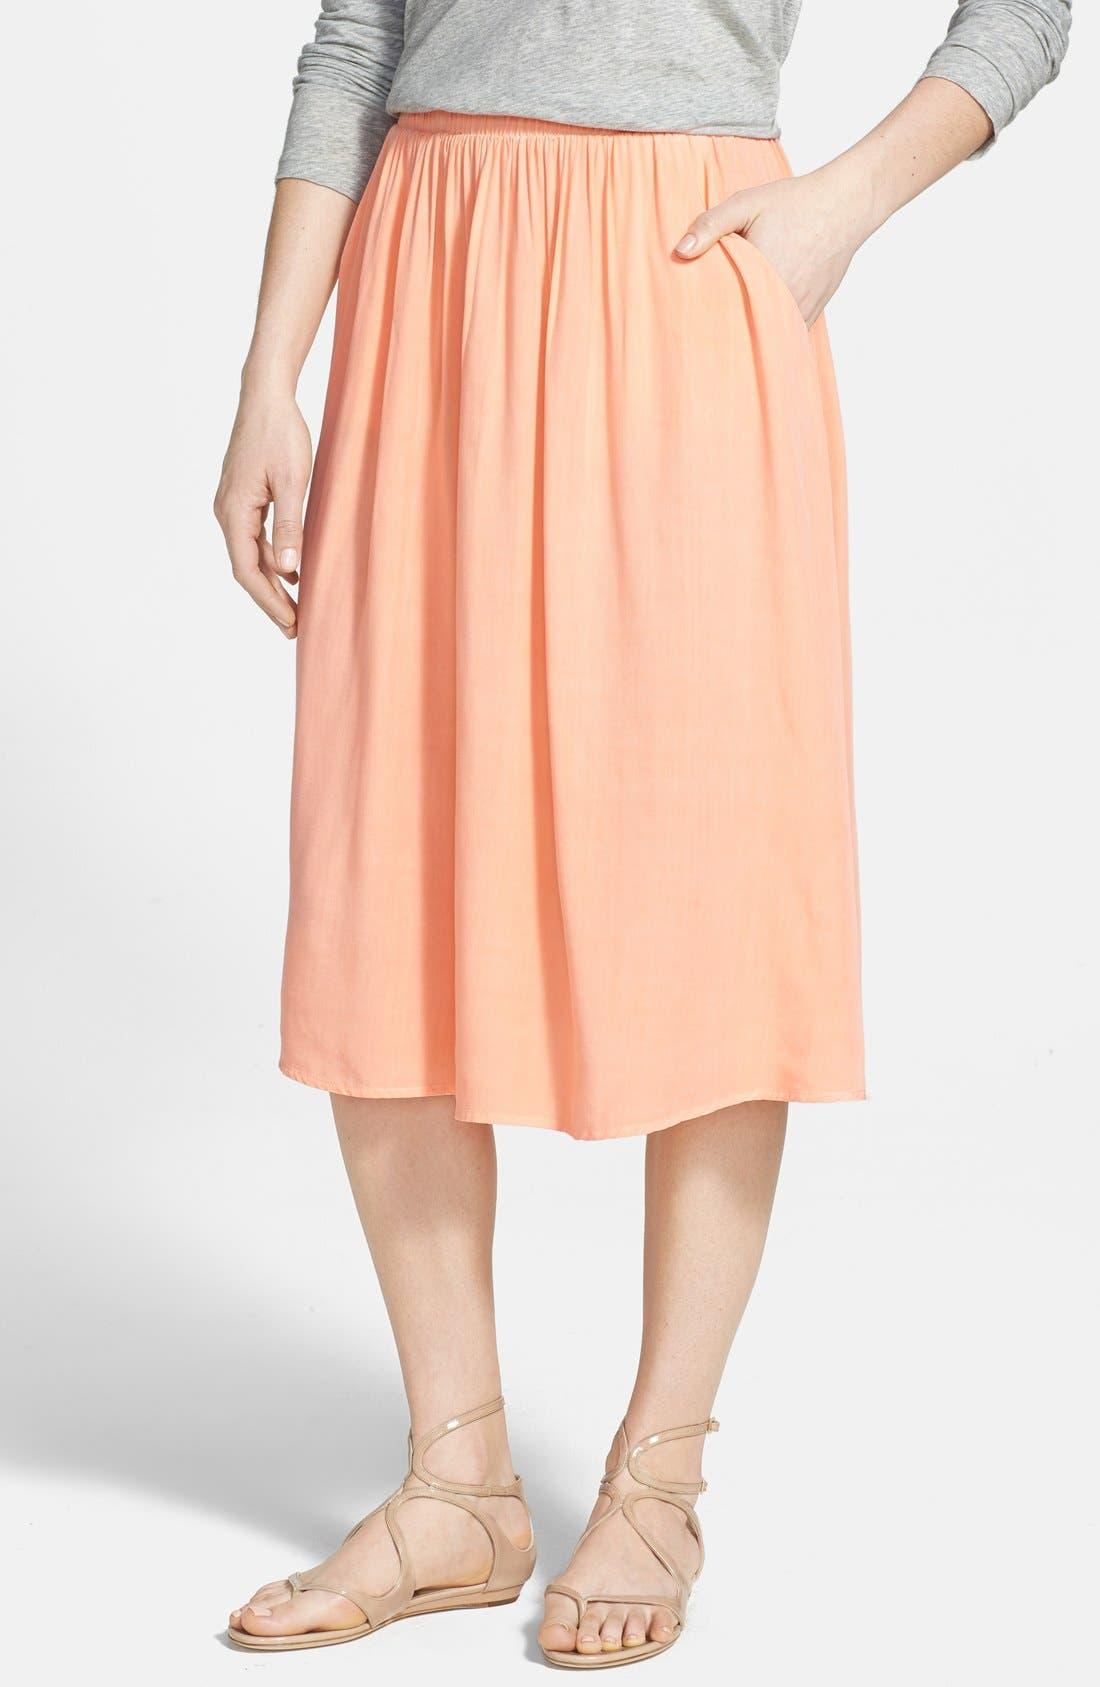 Alternate Image 1 Selected - Splendid Woven Midi Skirt